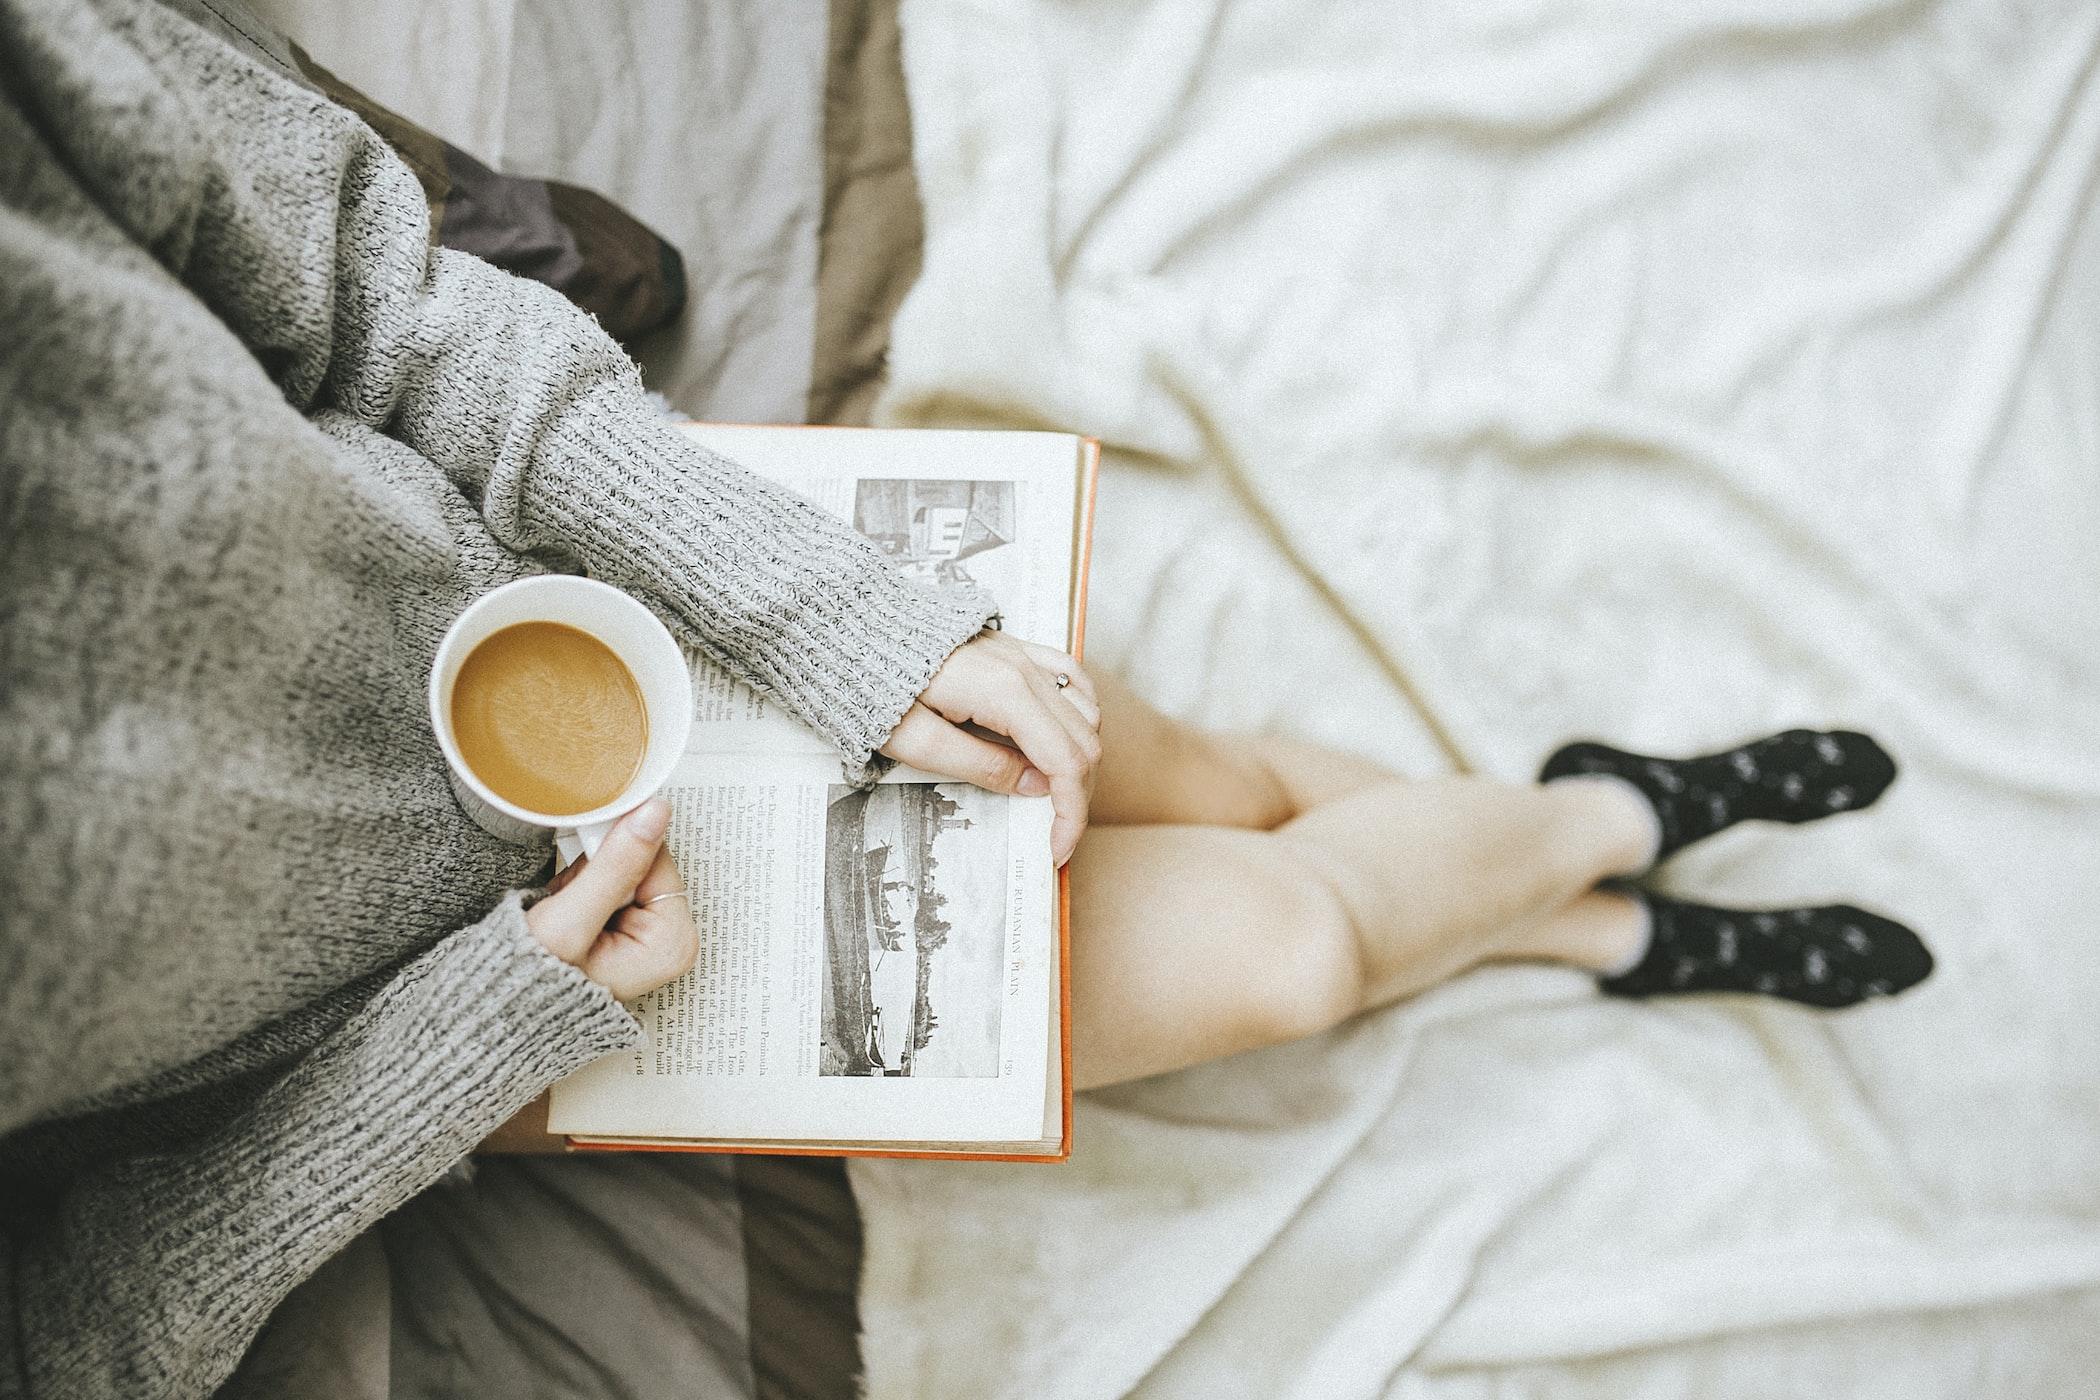 家で勉強できない理由『家での勉強が捗らないことを理解していない』